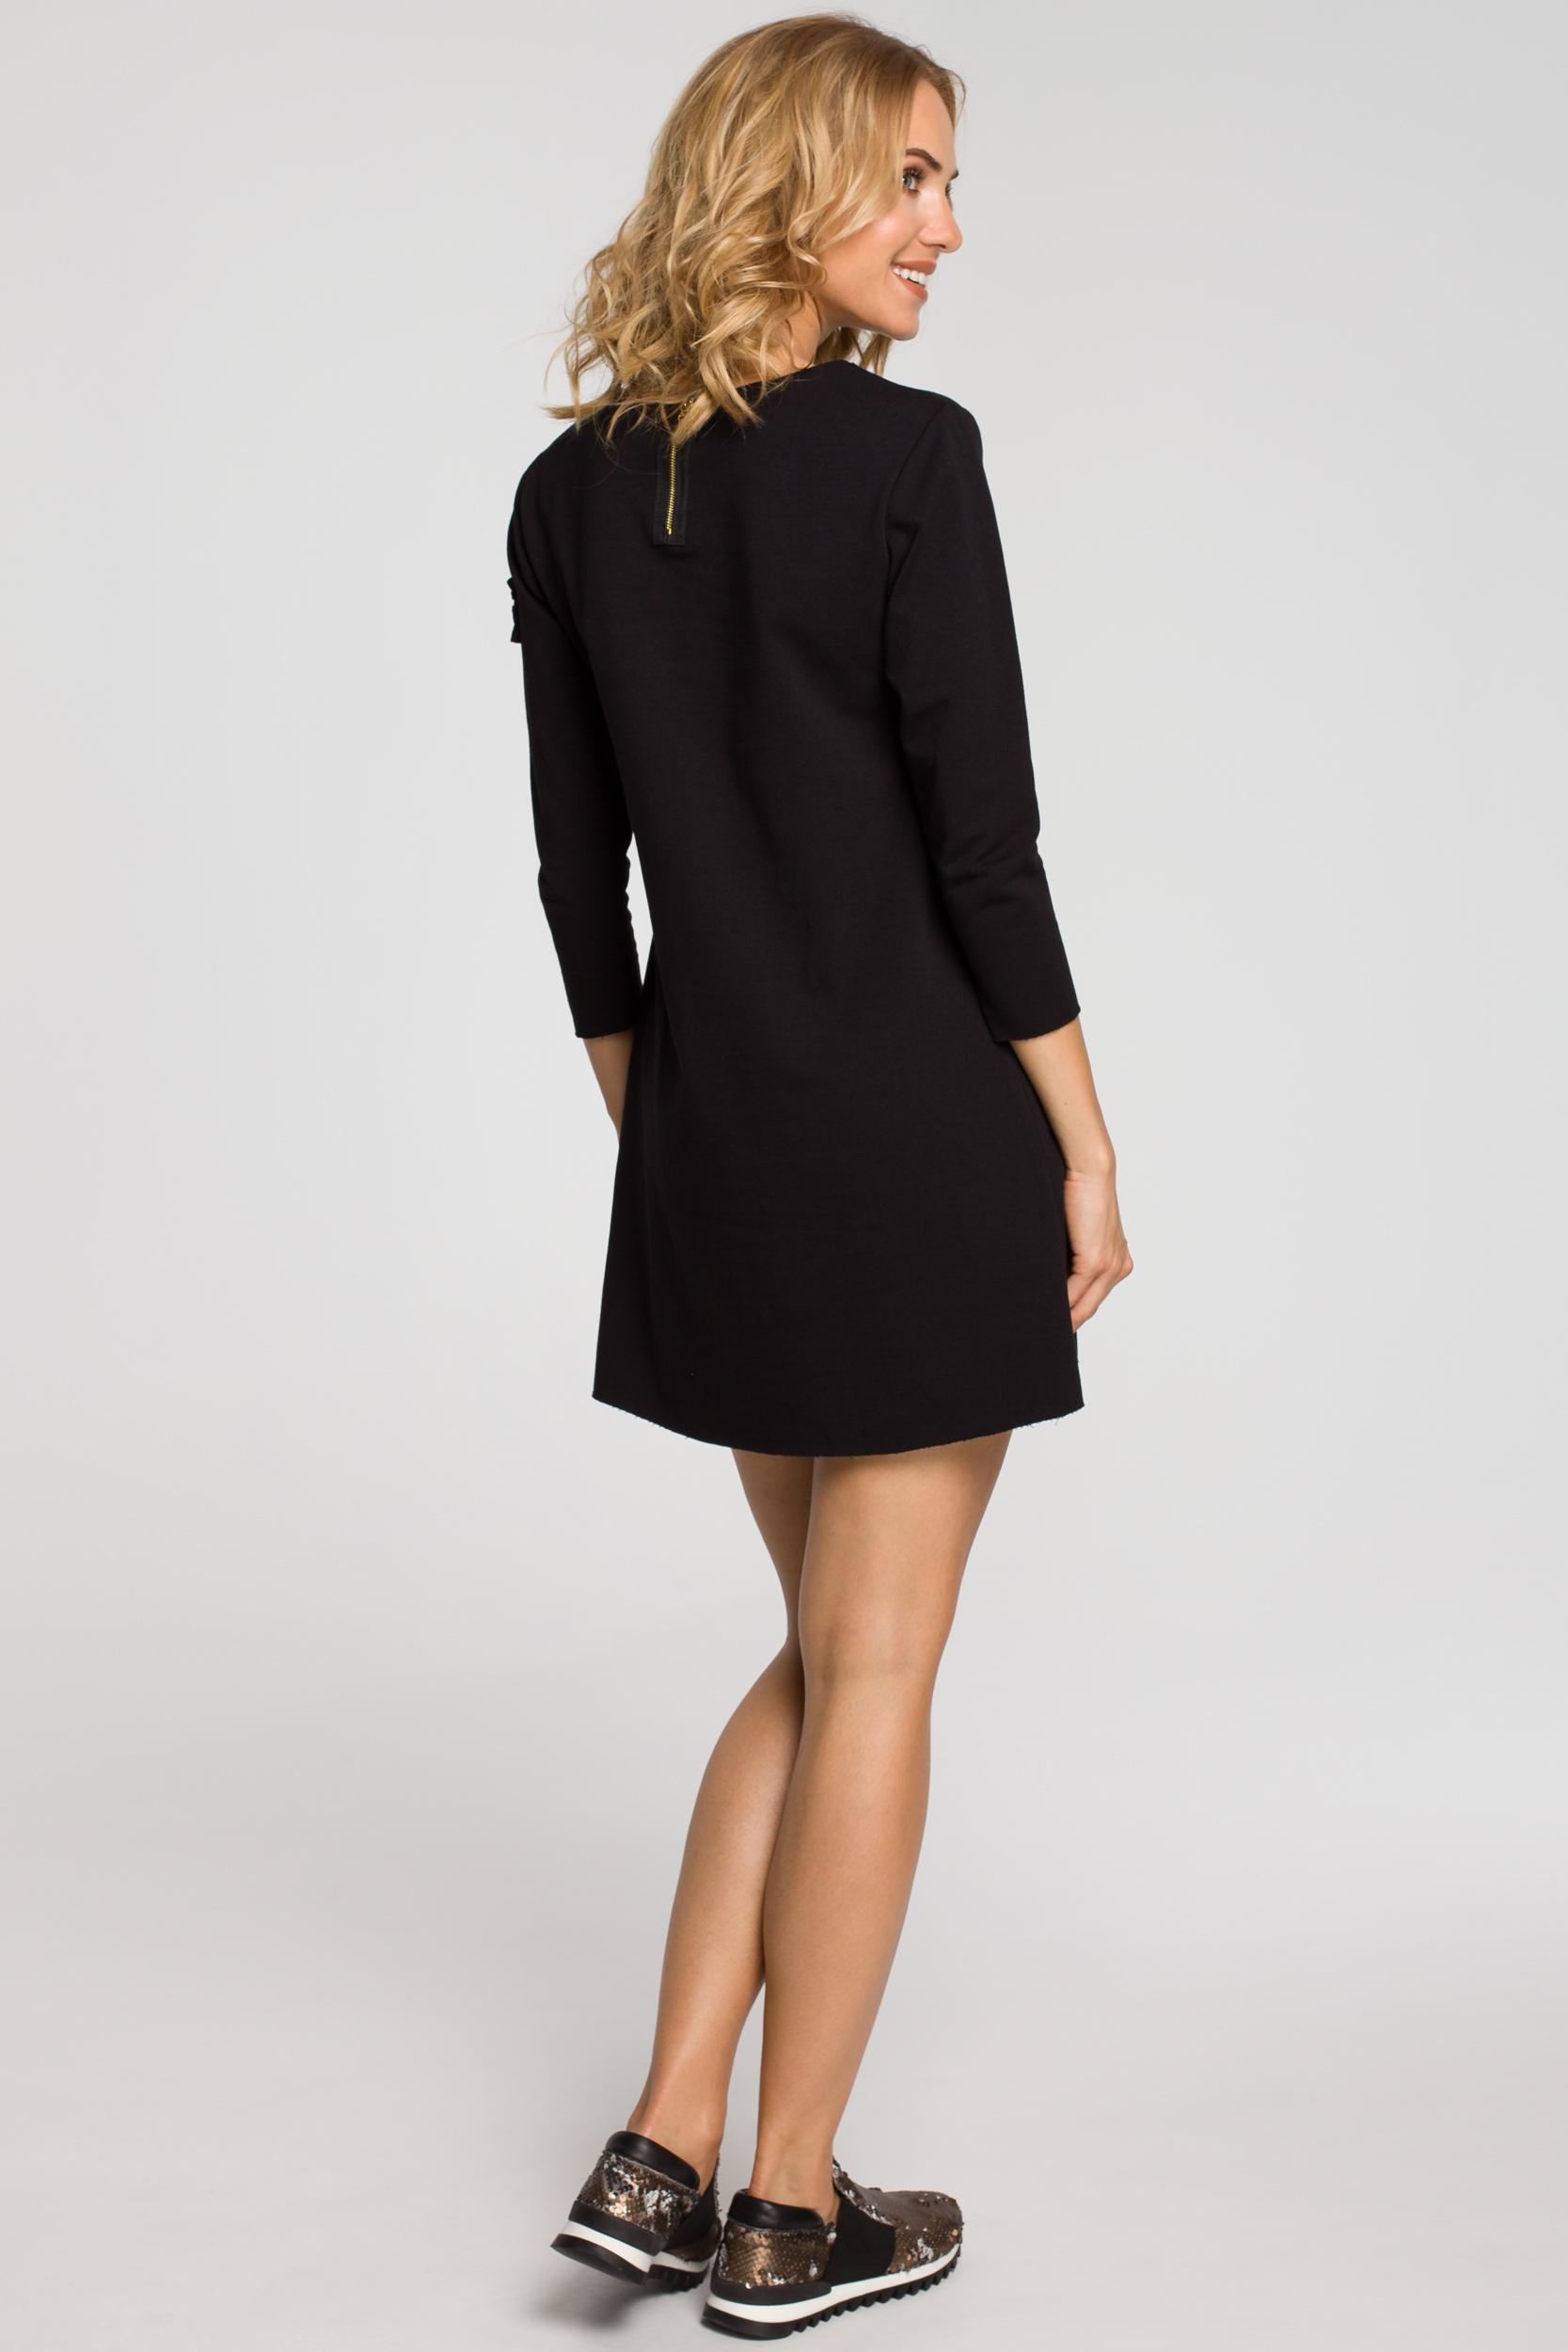 CM0356 Mini sukienka - tunika z dzianiny - czarna